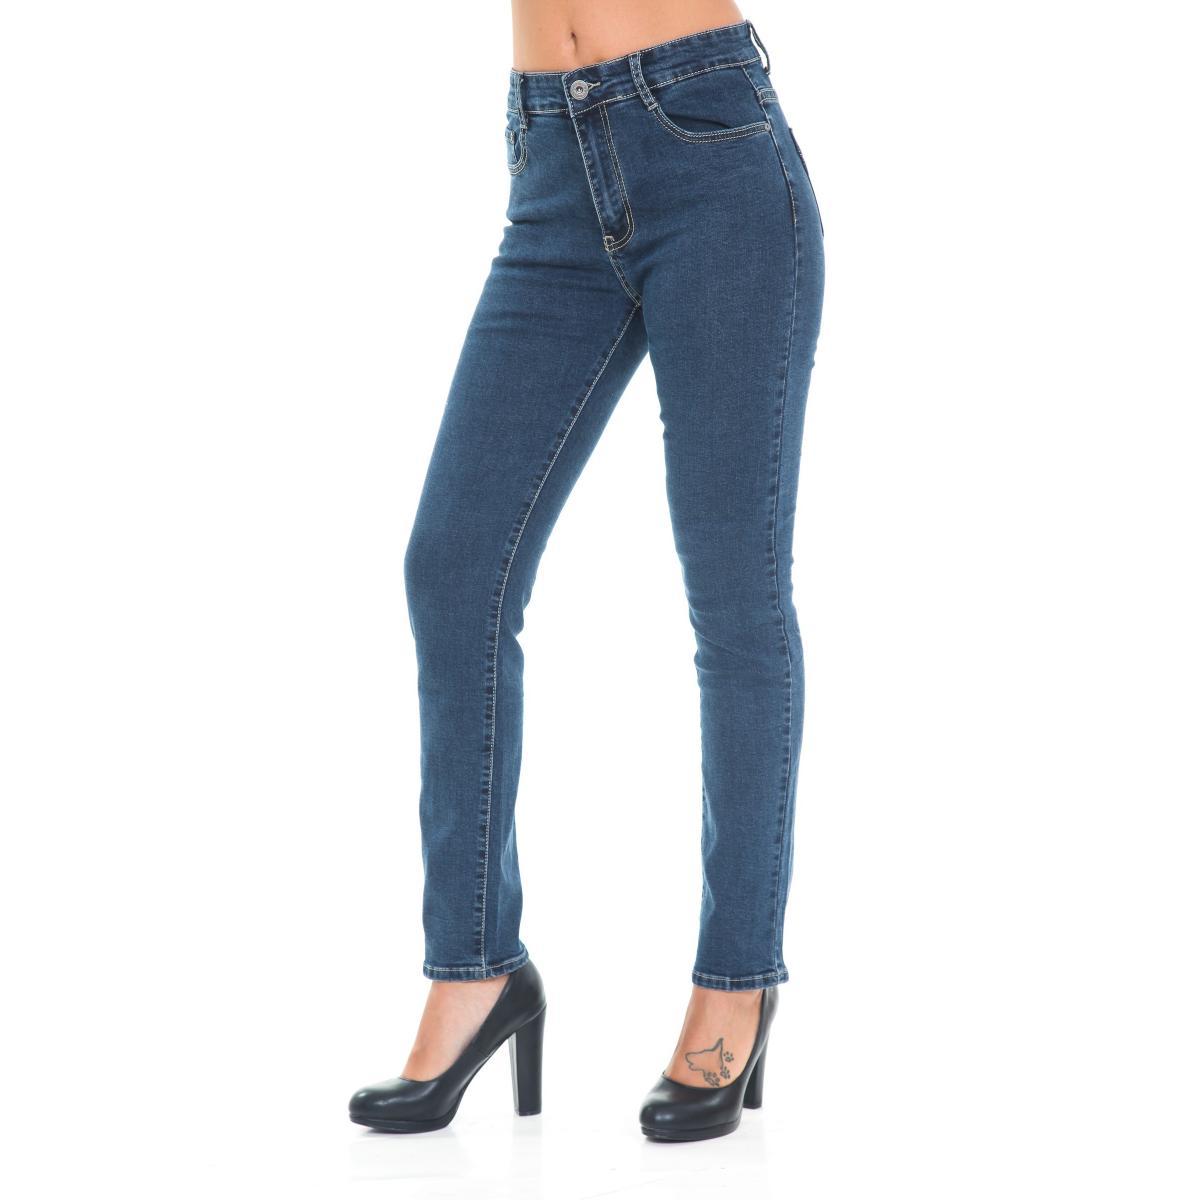 Pantaloni Jeans da donna 5 tasche con strass su tasche taglie oversize